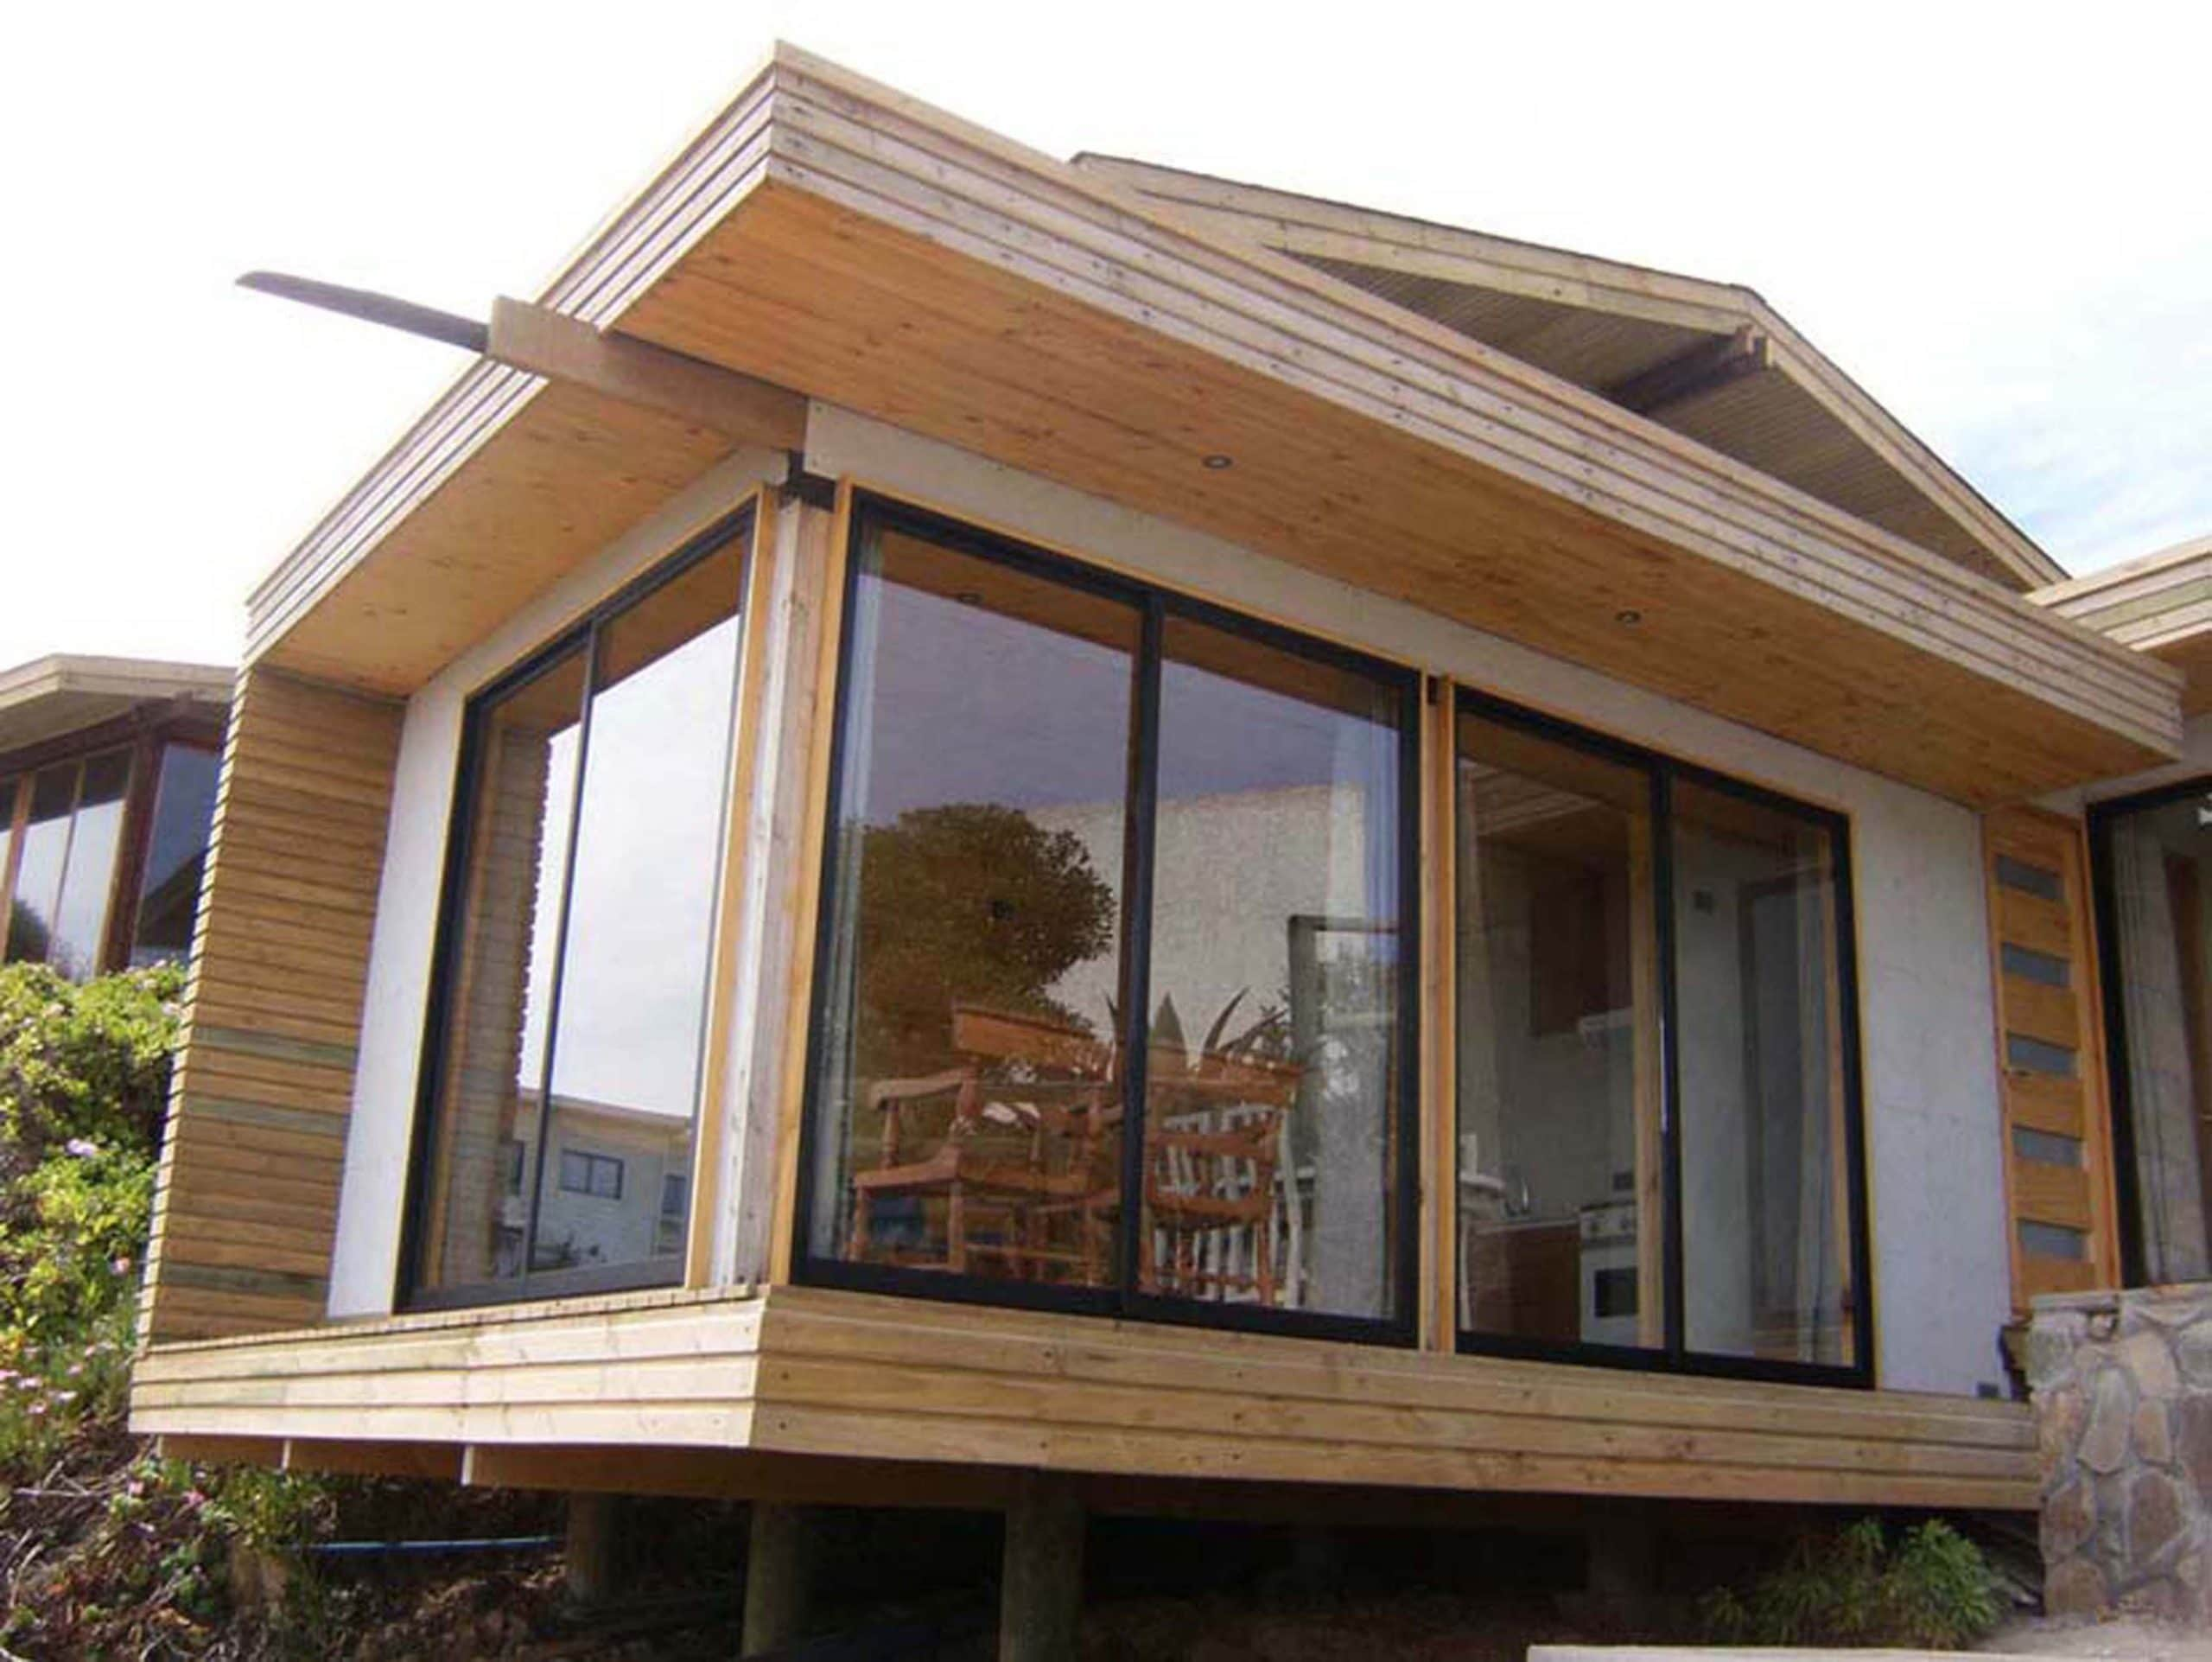 Casas prefabricadas en chile casas prefabricadas for Casas prefabricadas modernas